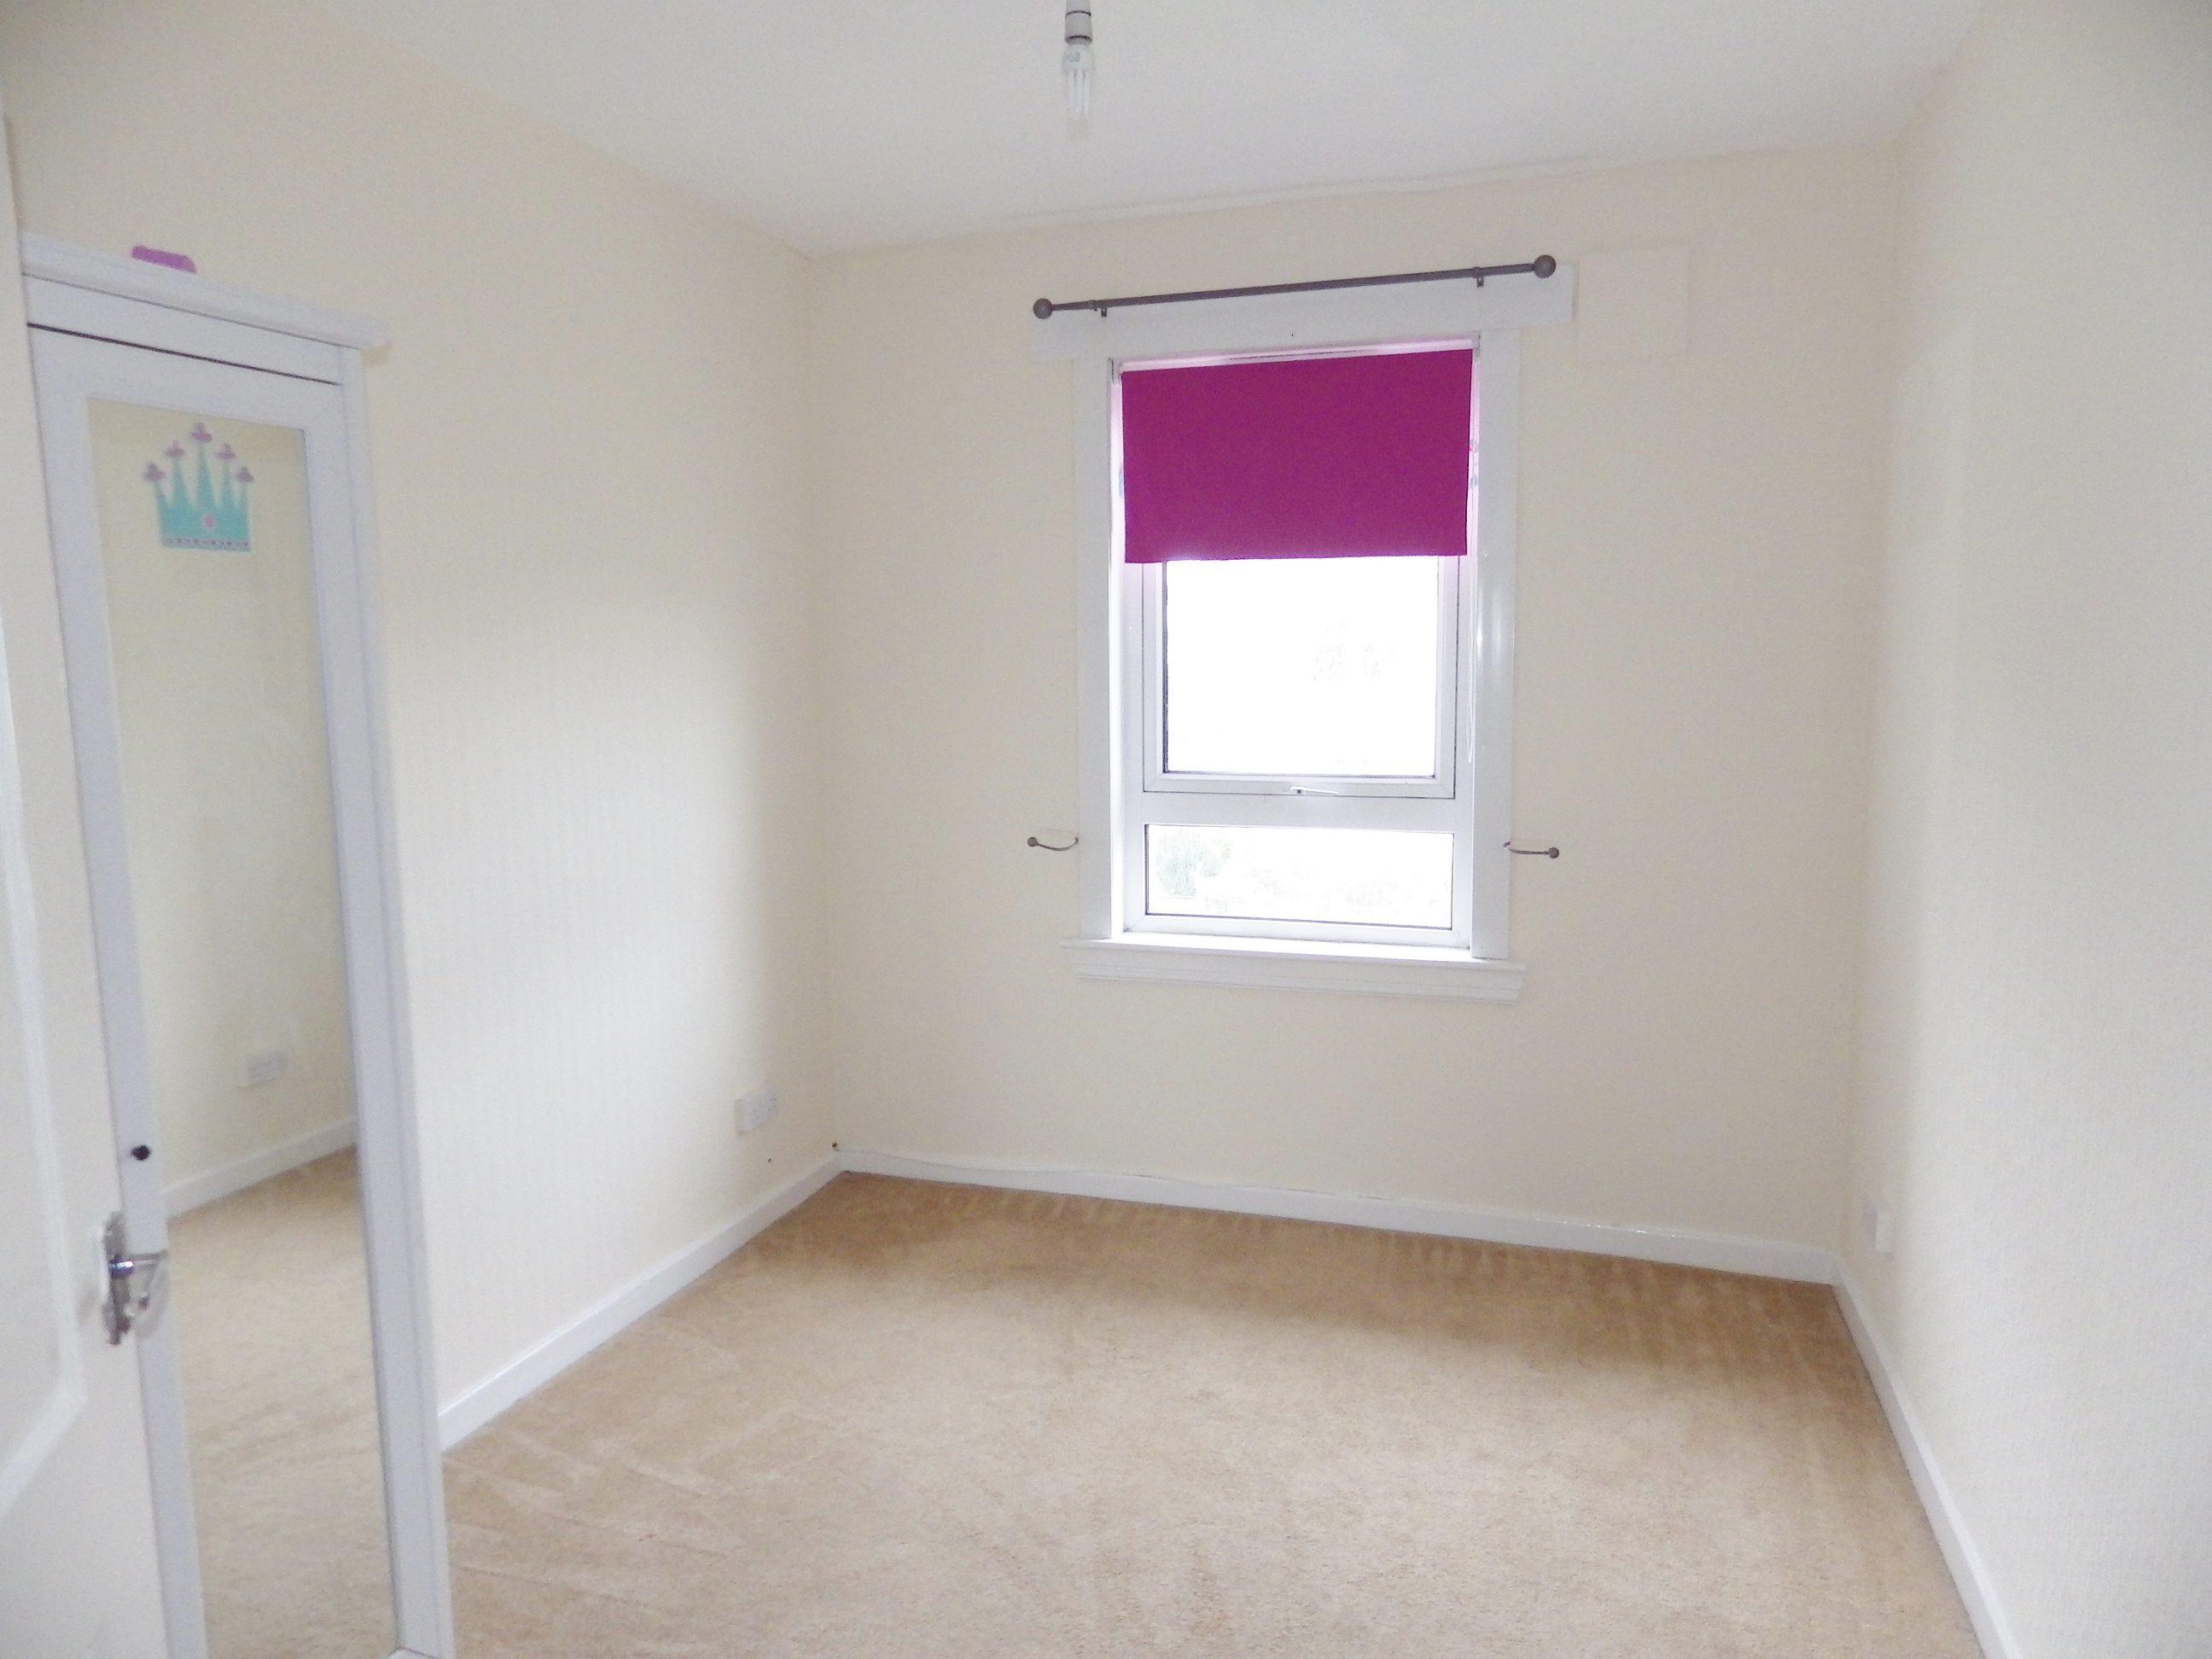 Restalrig Square 49 f2 Bedroom